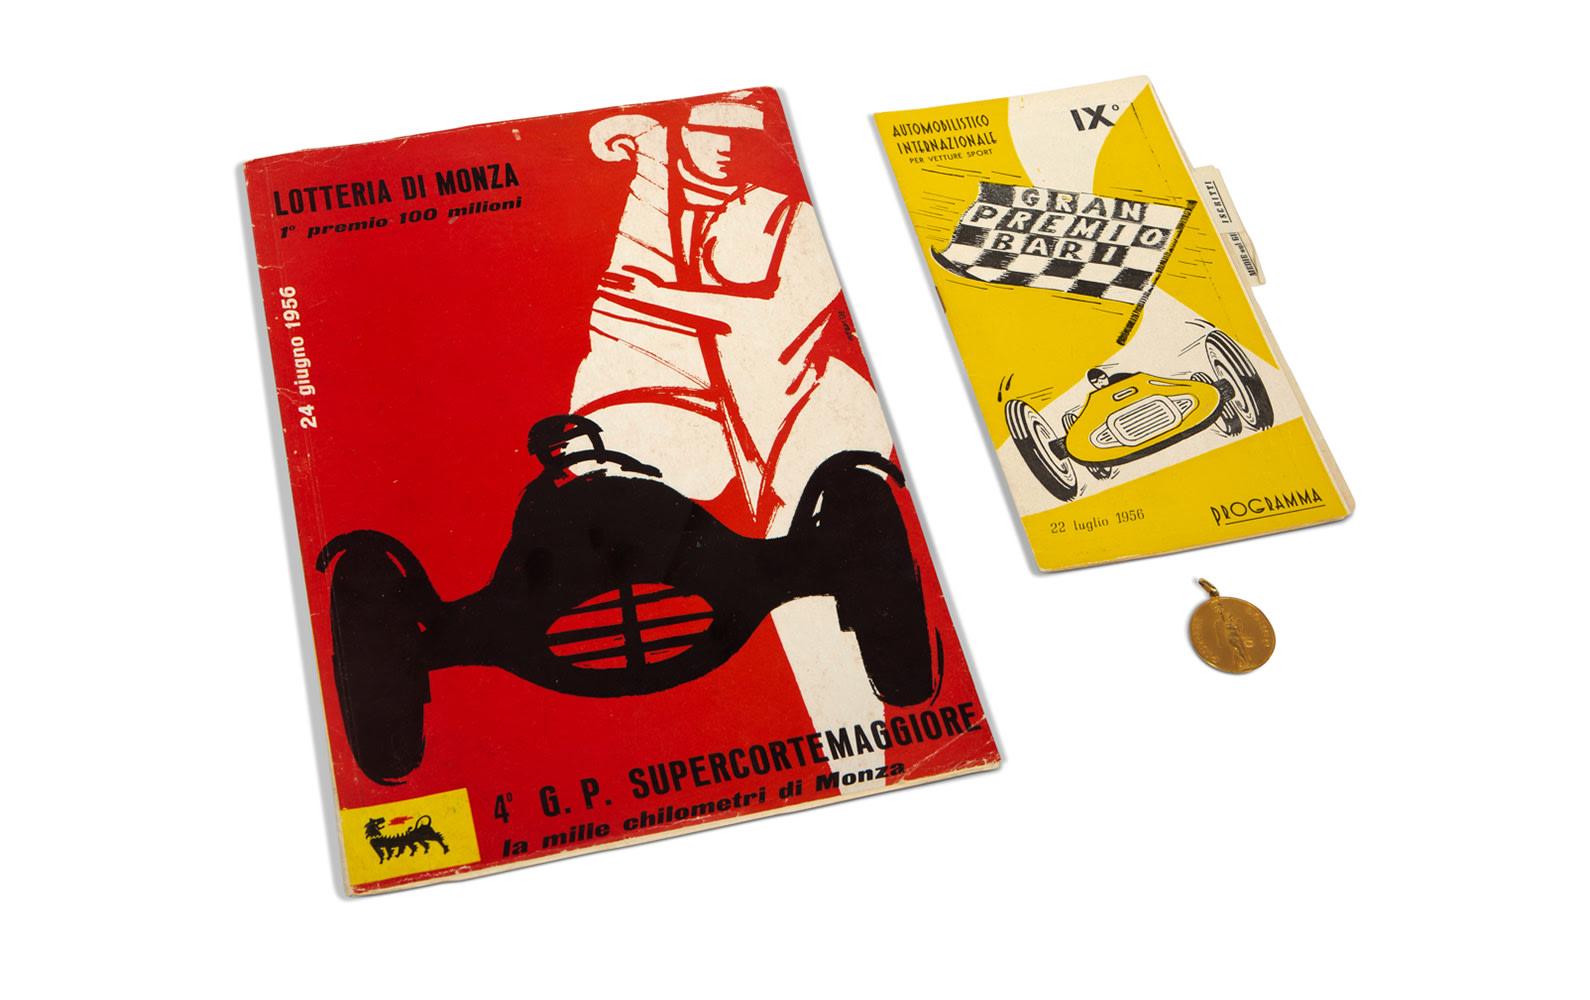 1956 GP Supercortemaggiore at Monza and Gran Premio di Bari Official Race Programs with Pistone Borgo Keychain